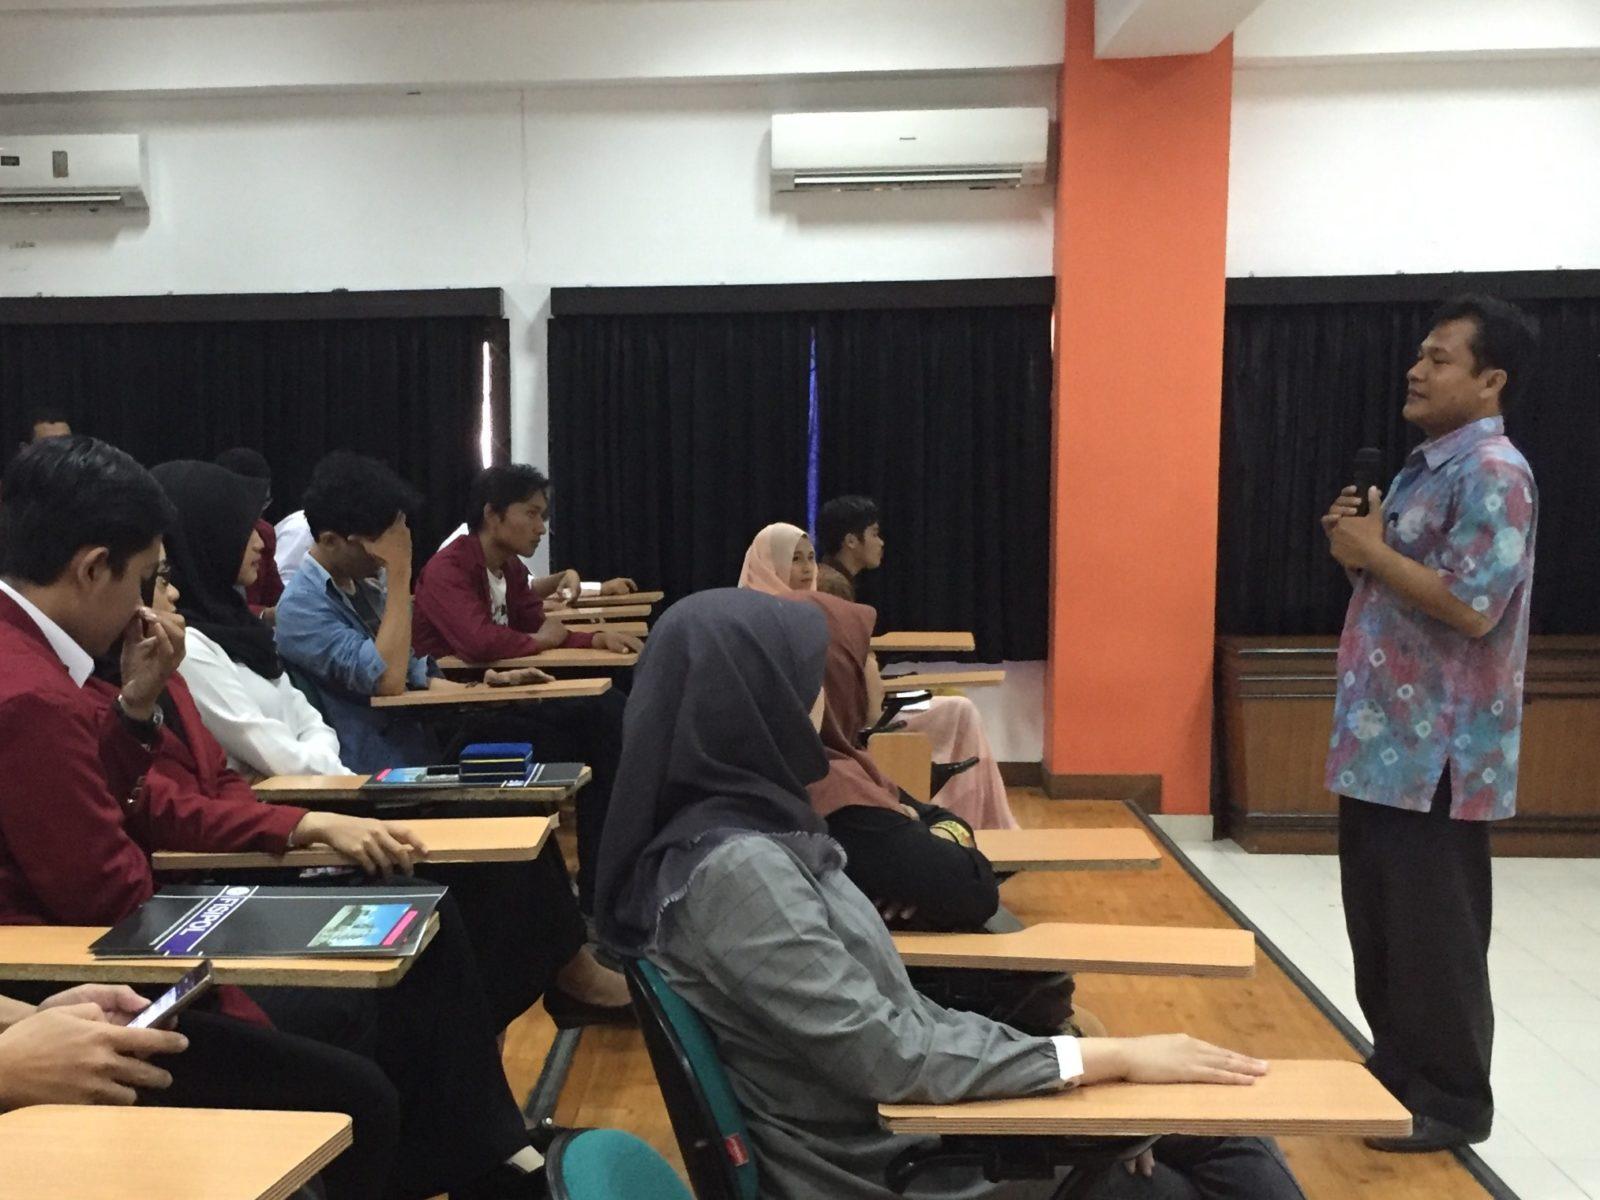 Ein Klassenzimmer mit Lehrern und Schülern © Wulan Widyasari